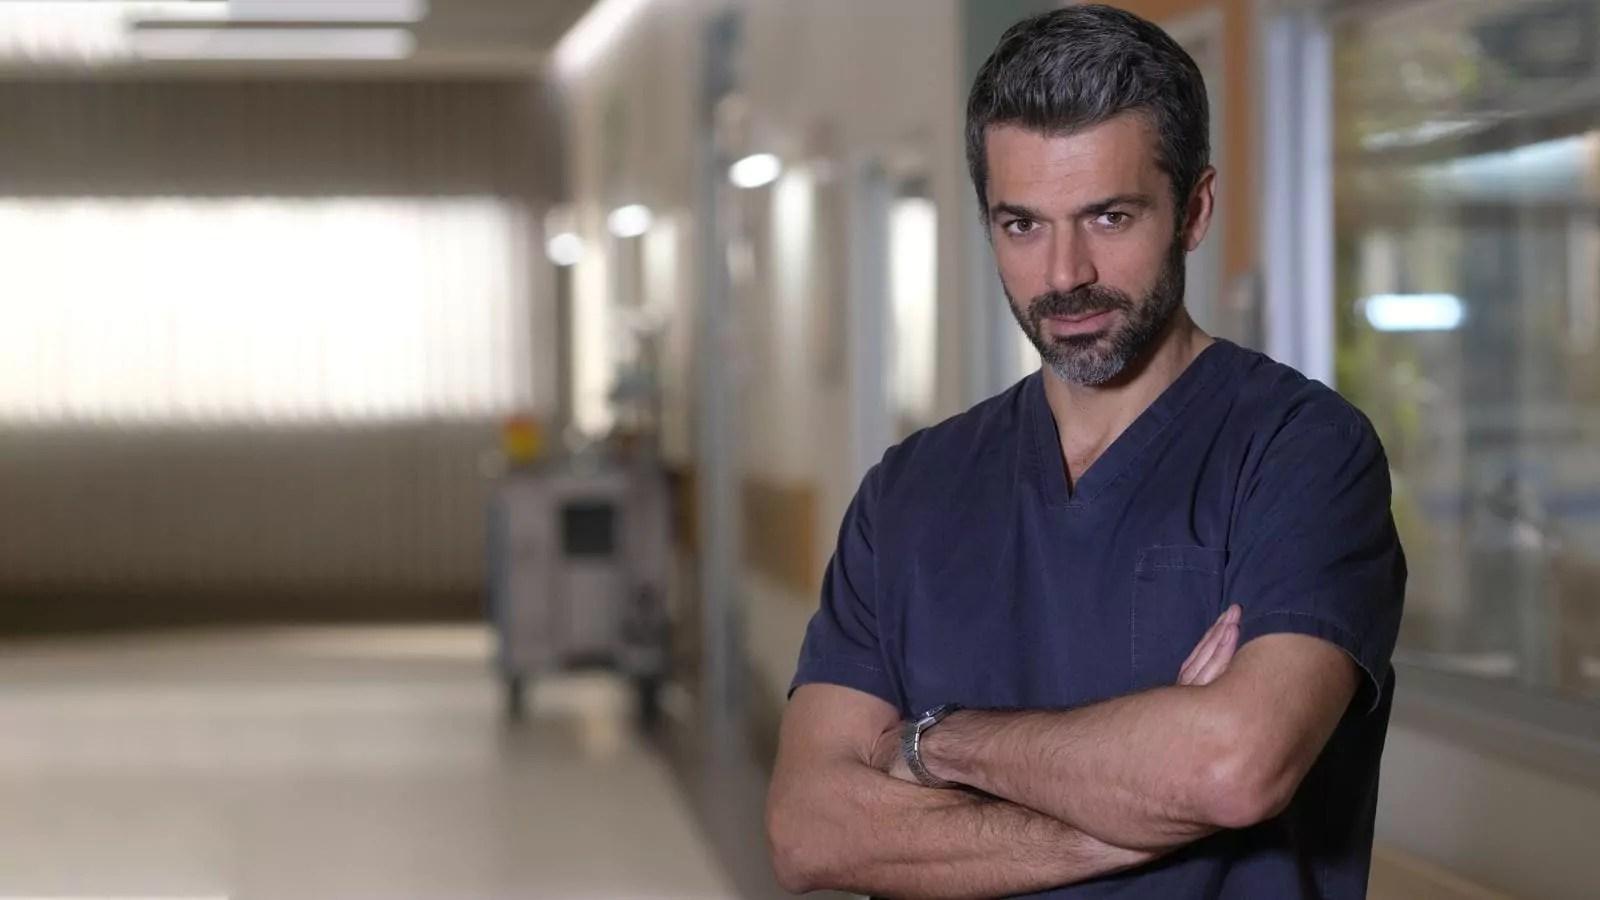 Doc - Nelle tue mani 2: Luca Argentero parla della seconda stagione della serie